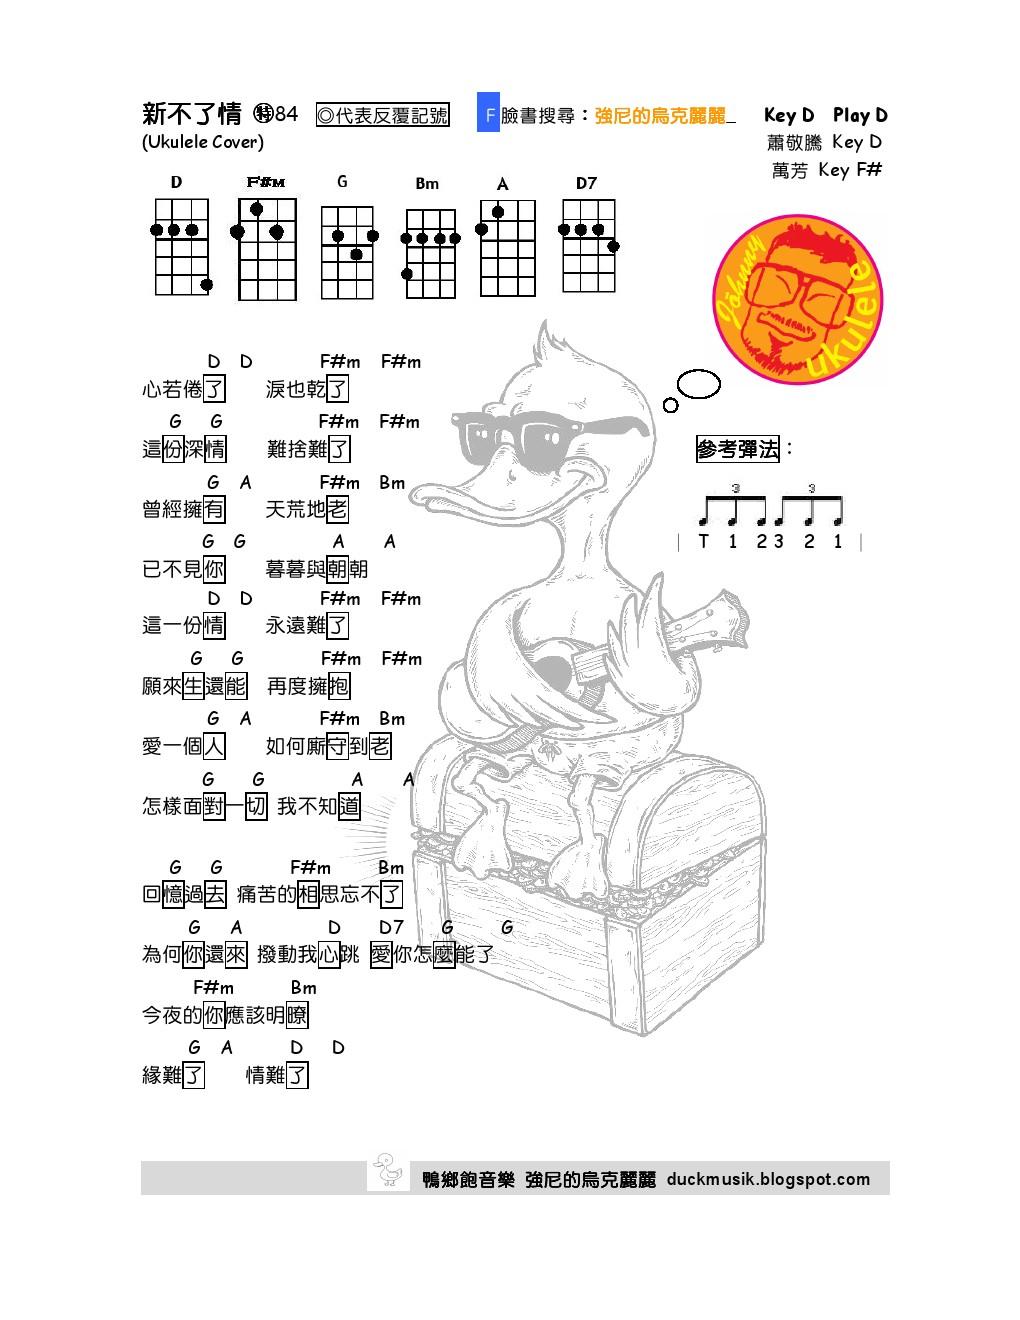 強尼的烏克麗麗 Johnny Ukulele音樂教室: 新不了情 蕭敬騰 萬芳 強尼的烏克麗麗譜 Johnny's Ukulele cover